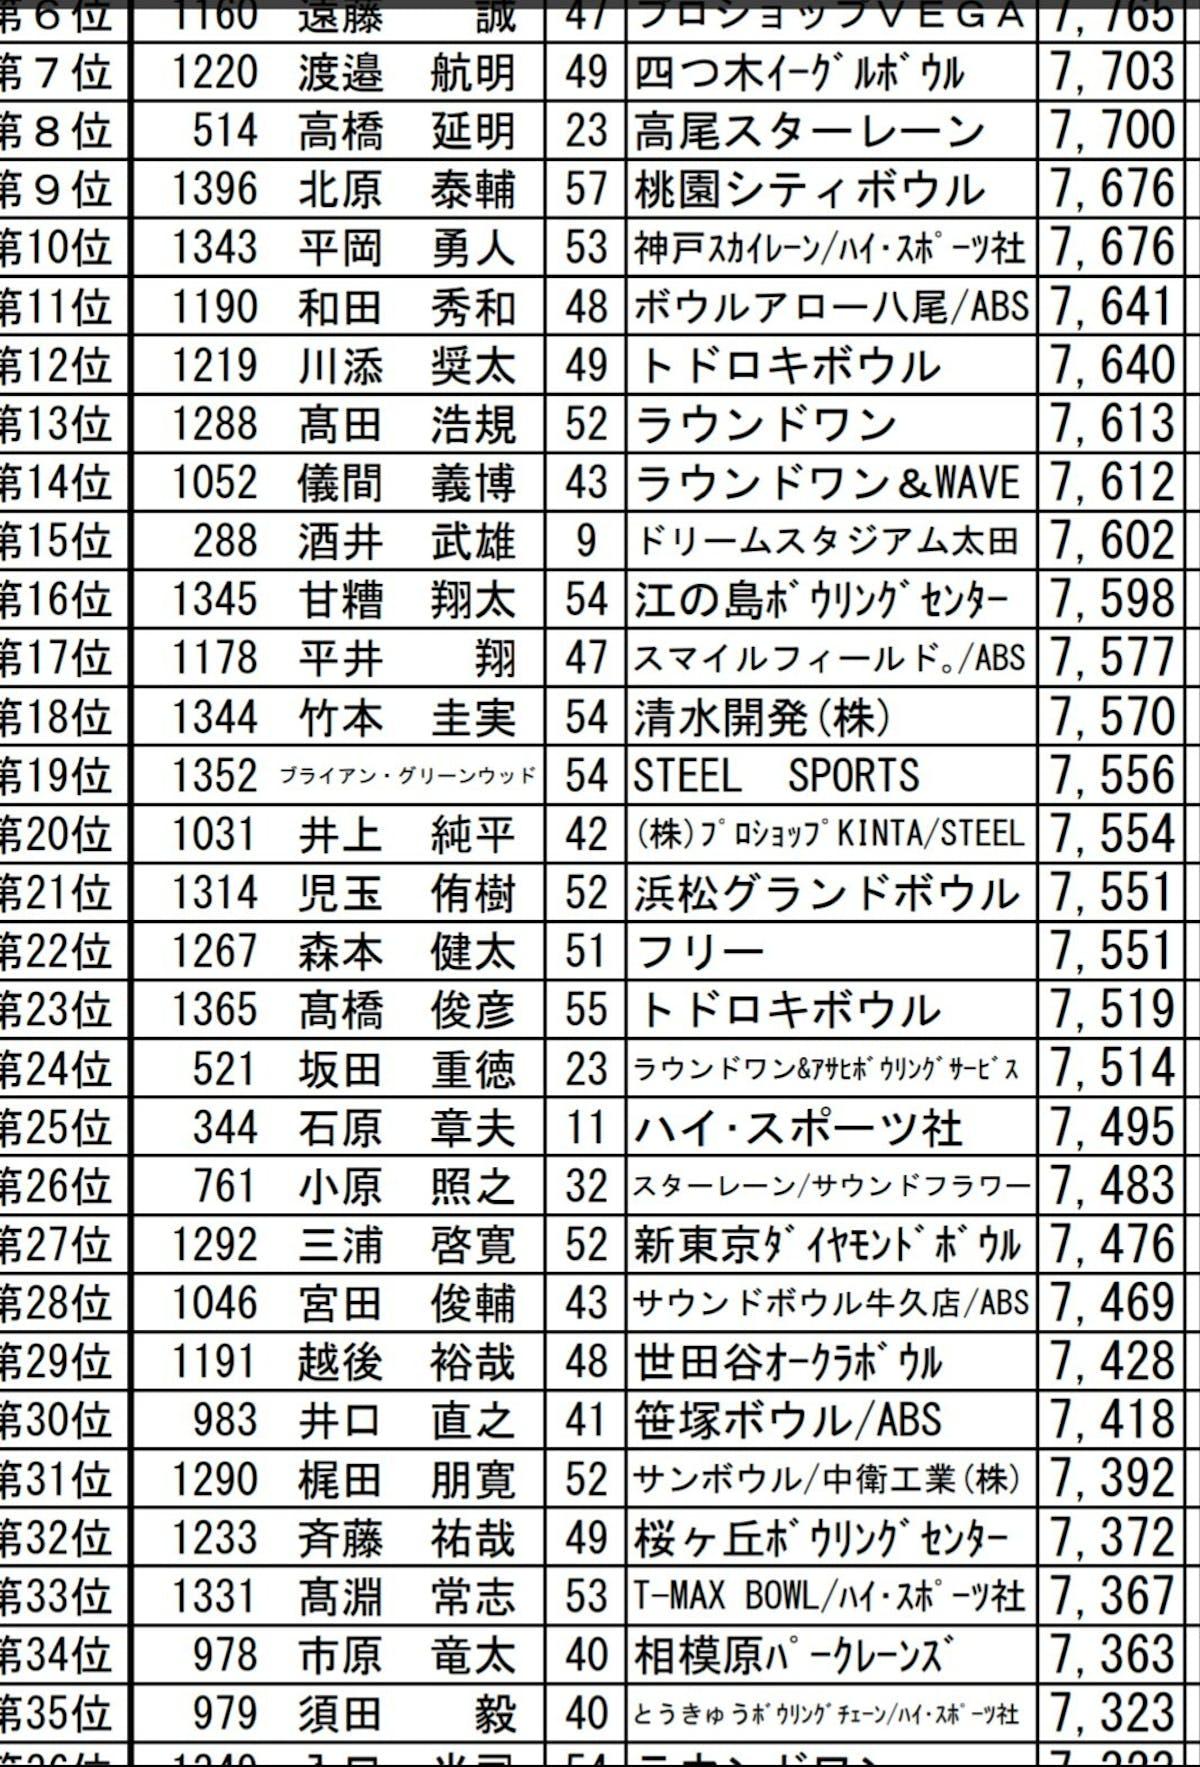 _20181202_234105.JPG